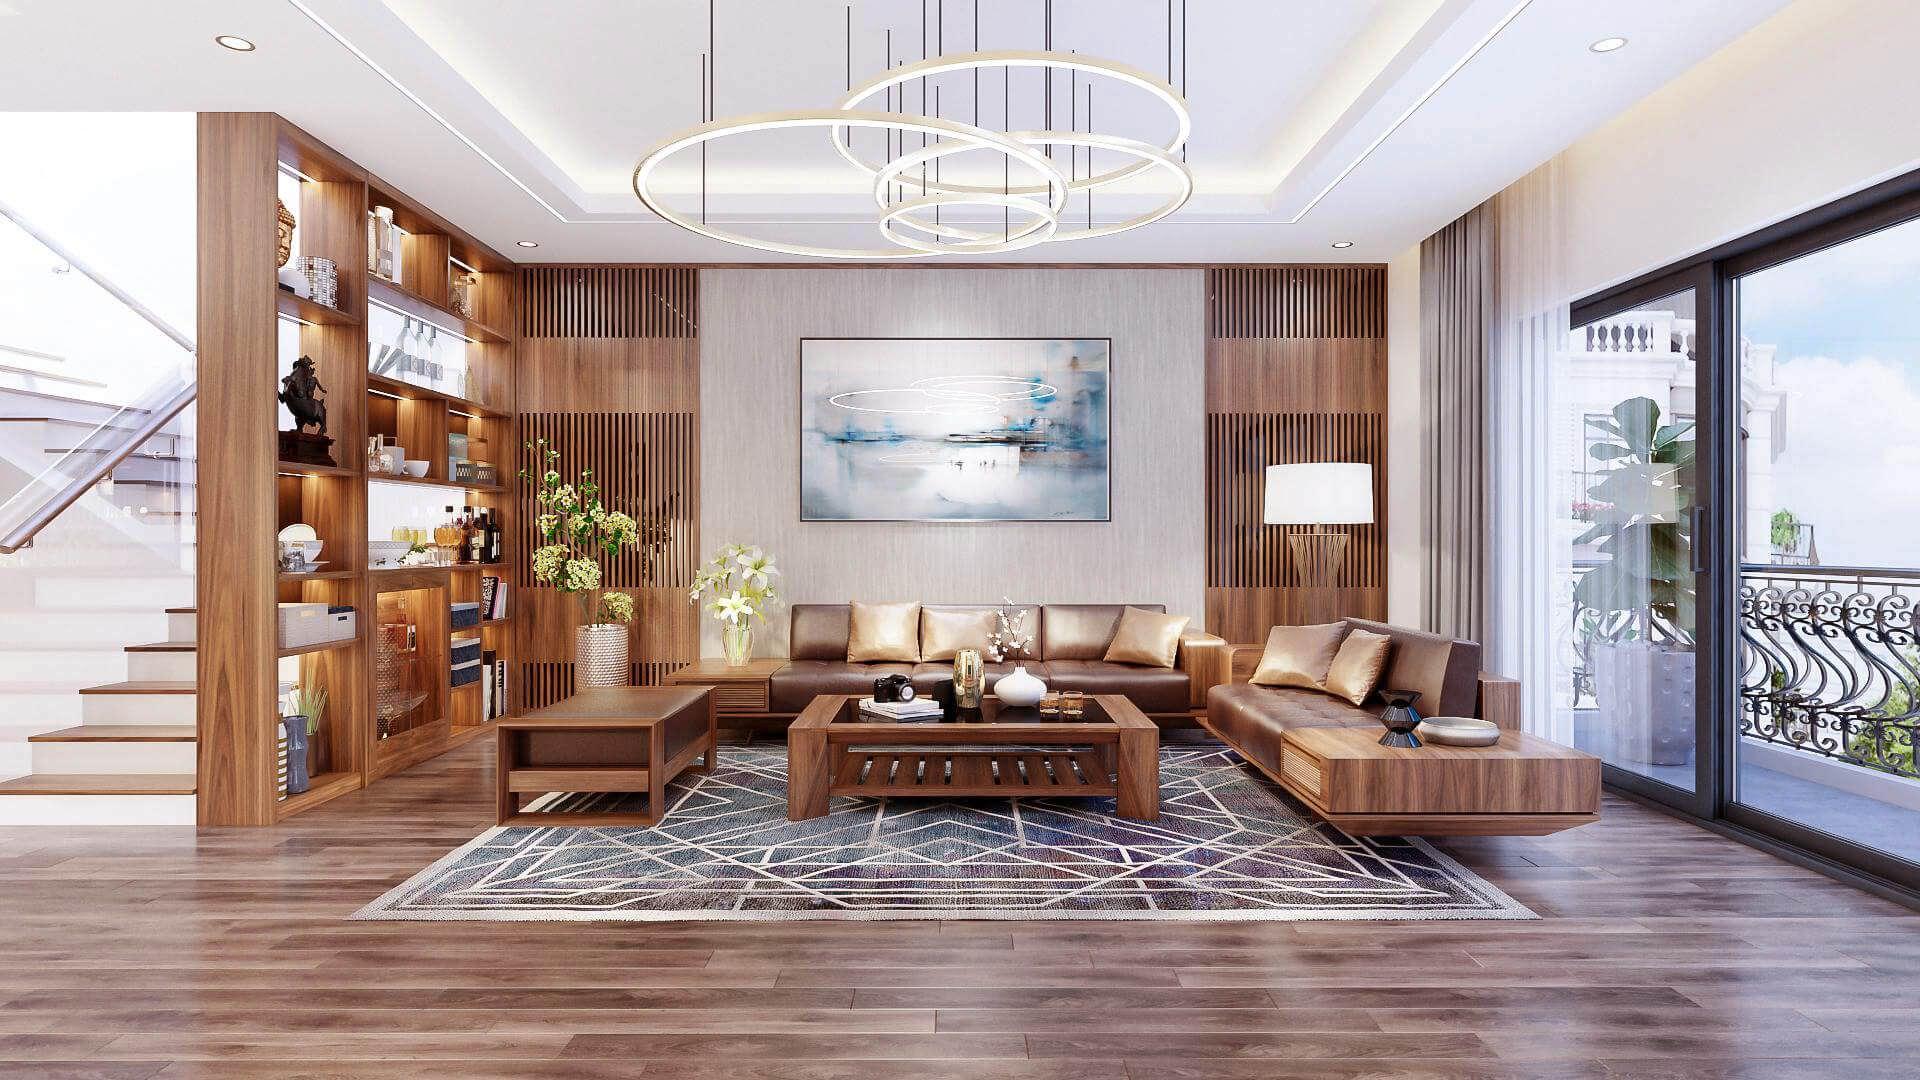 Sử dụng đồ nội thất gỗ truyền thống đem lại không gian sang trọng nhưng vô cùng ấm cúng